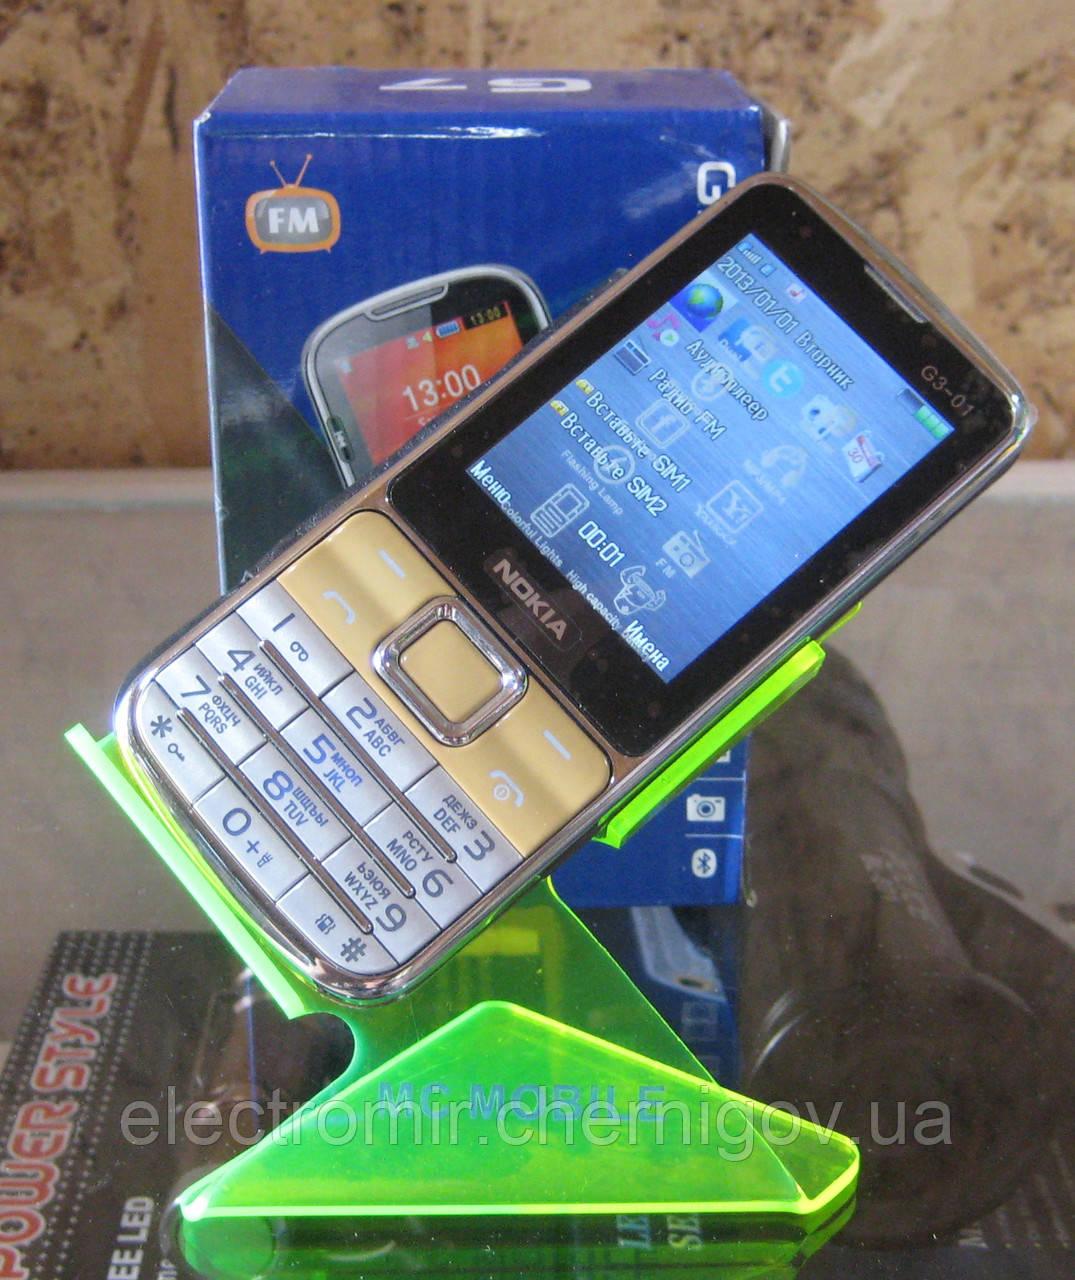 Мобильный телефон Nokia G7 с чехлом (реплика)